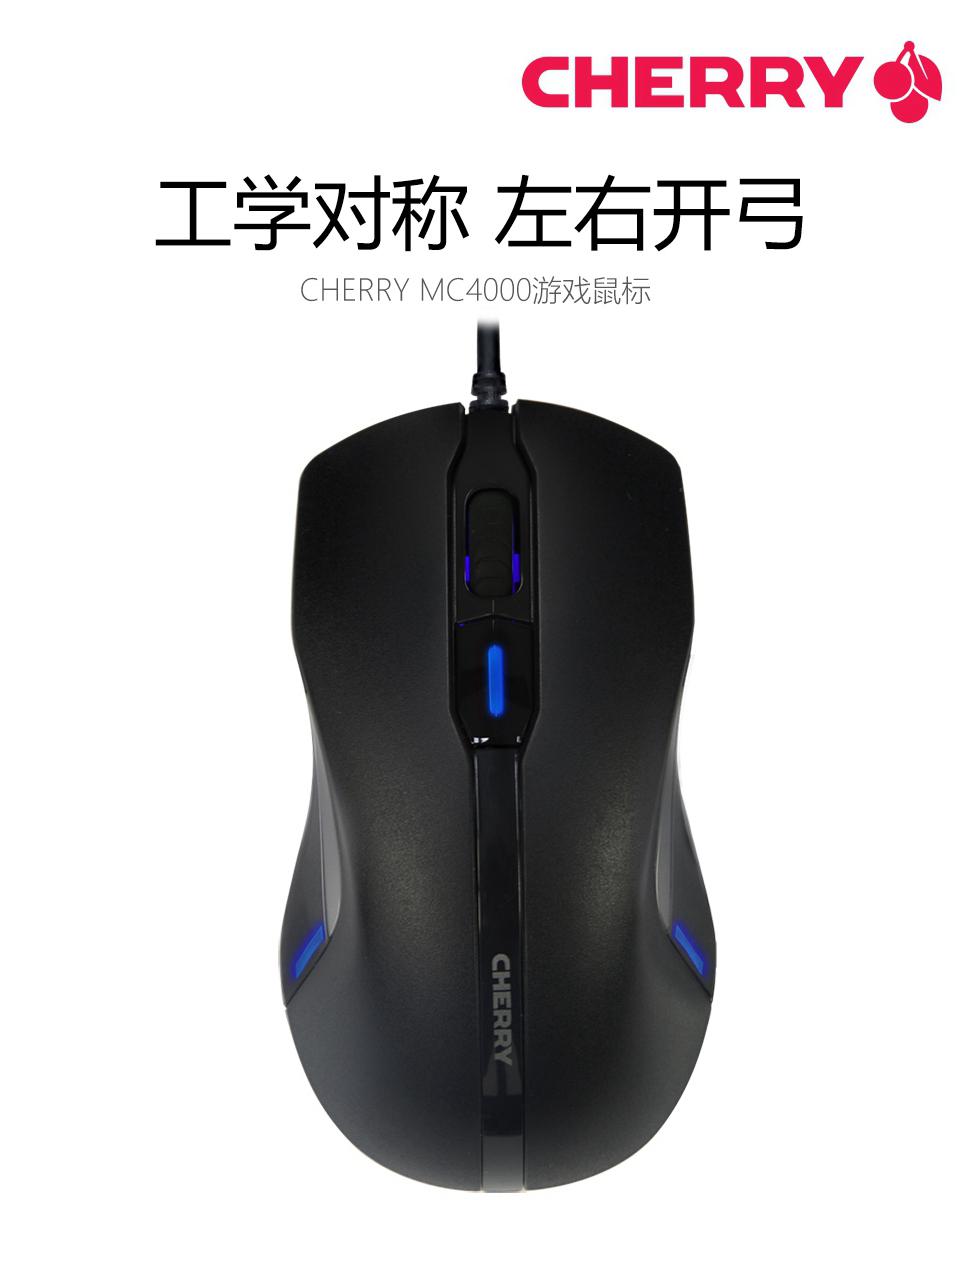 MC4000鼠标详情页1.jpg